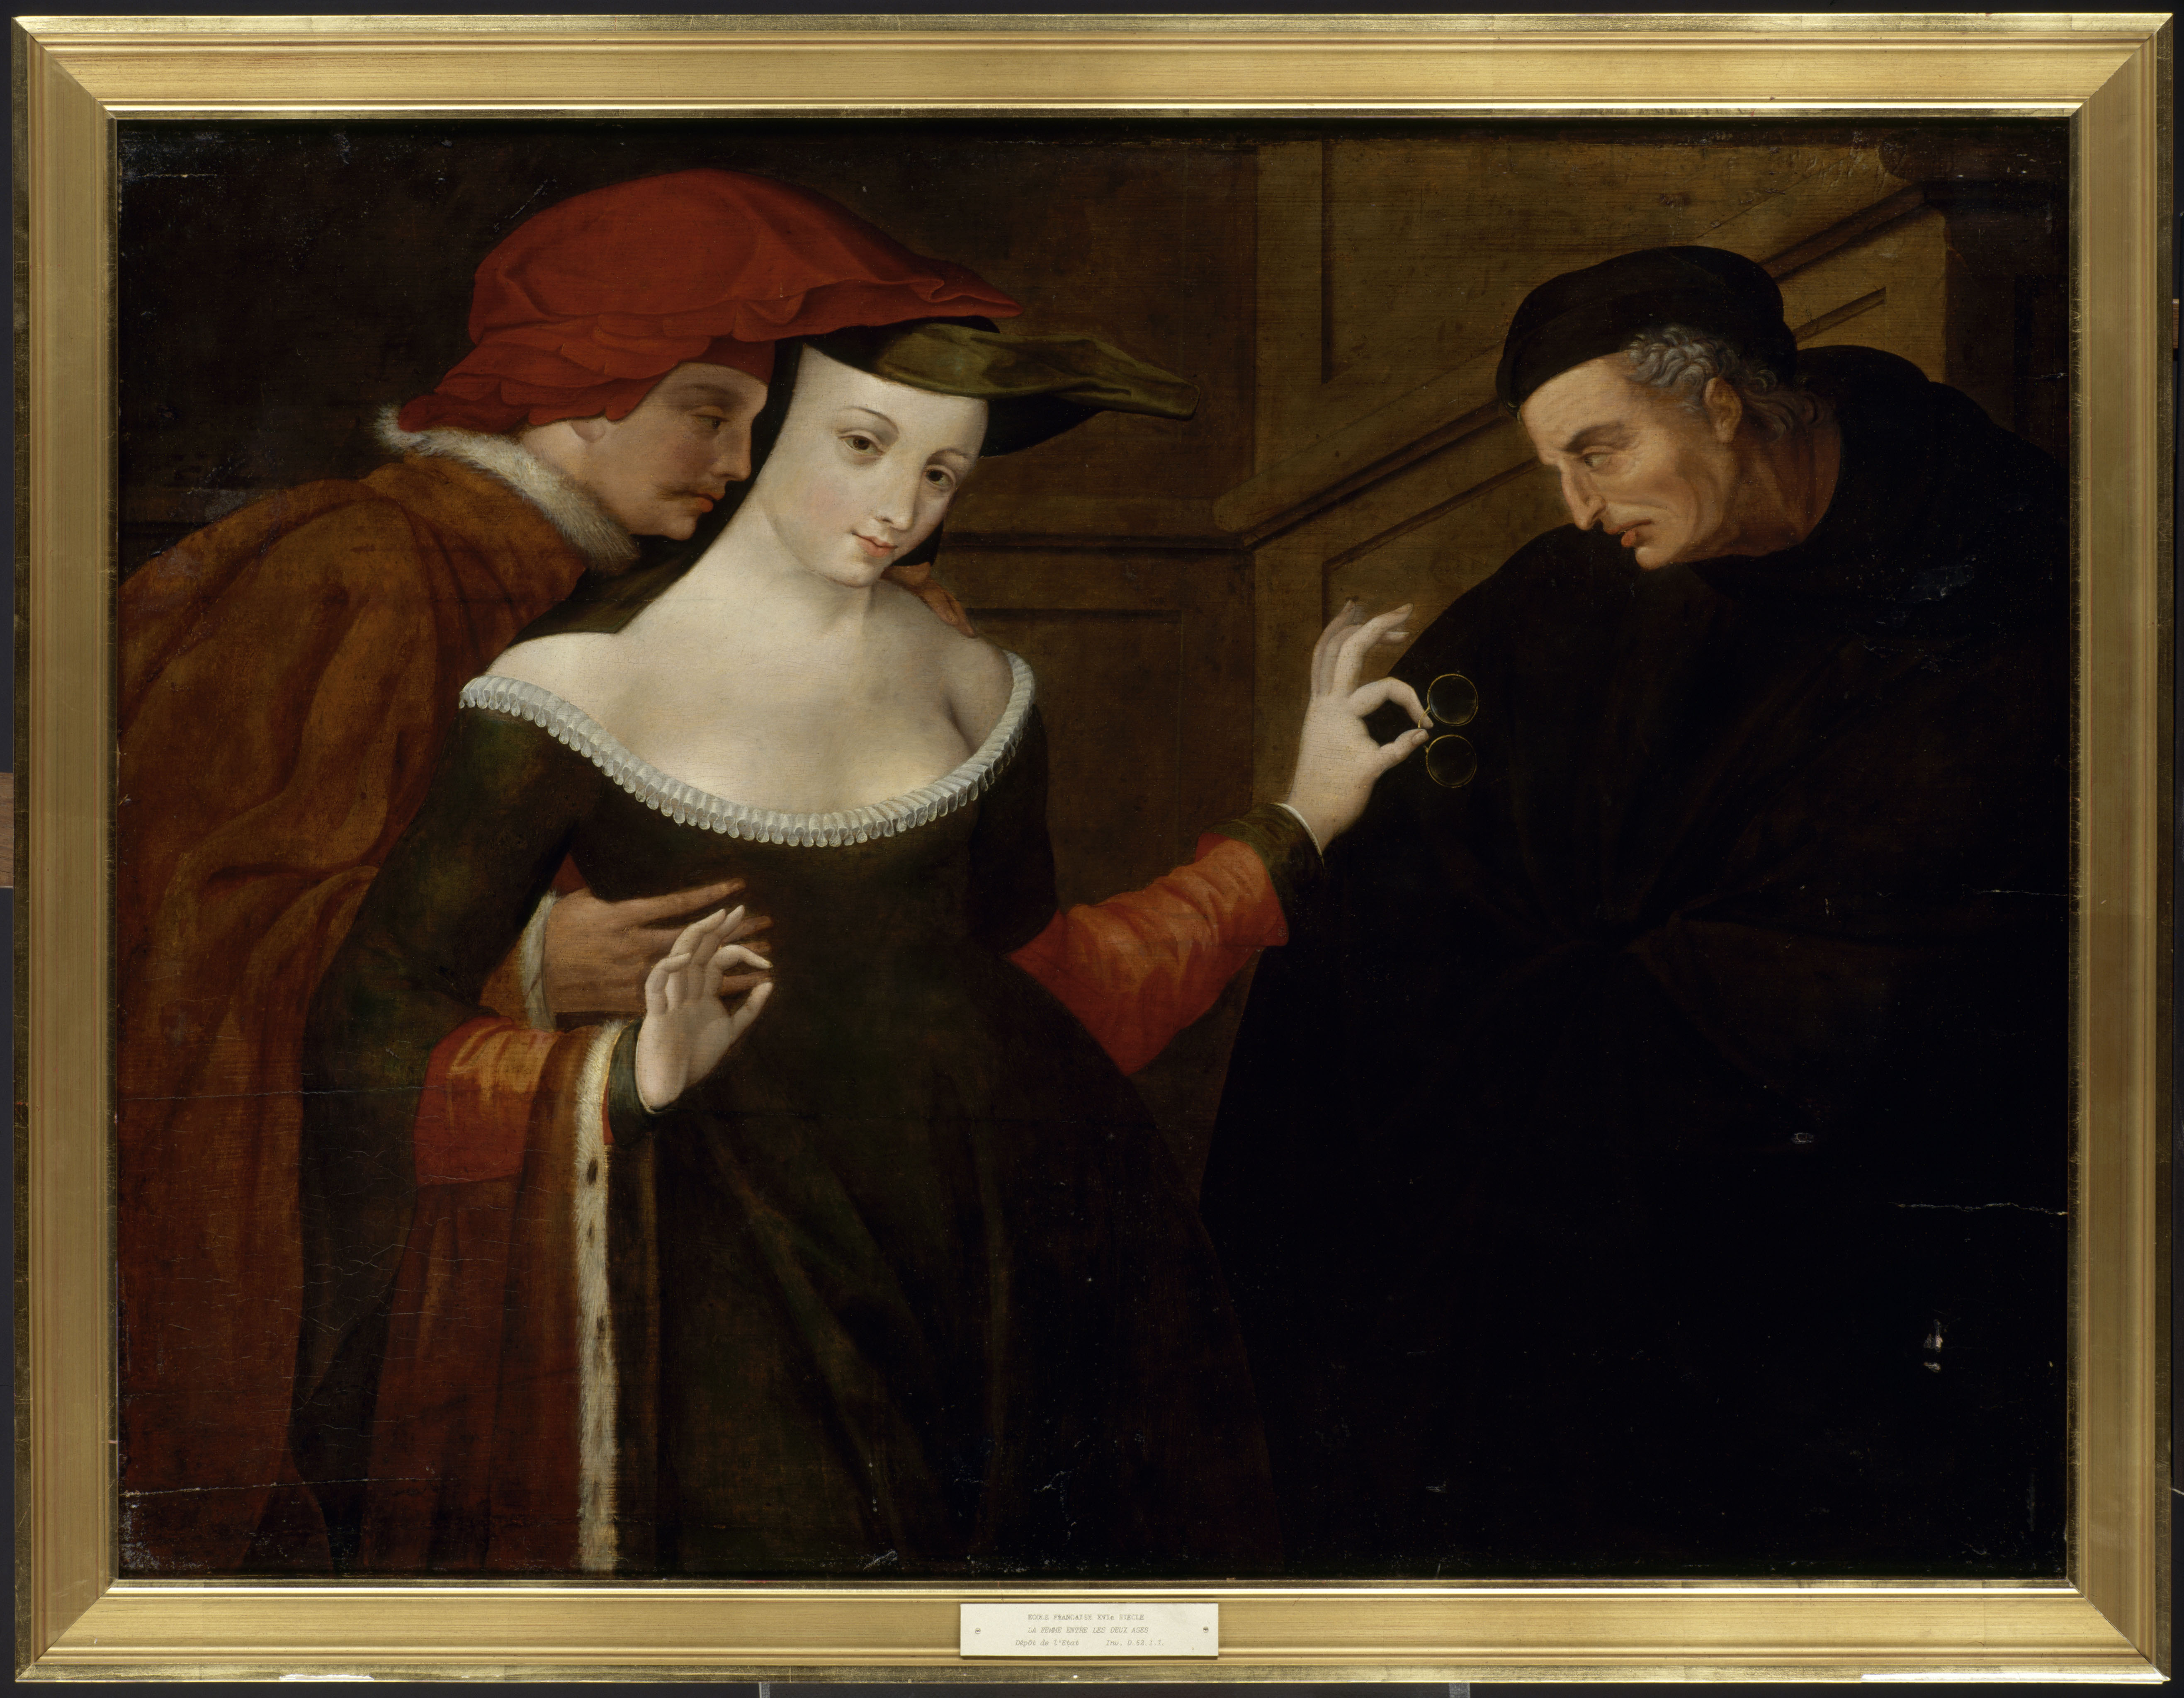 La Tentation ou La Femme entre la jeunesse et la vieillesse_0